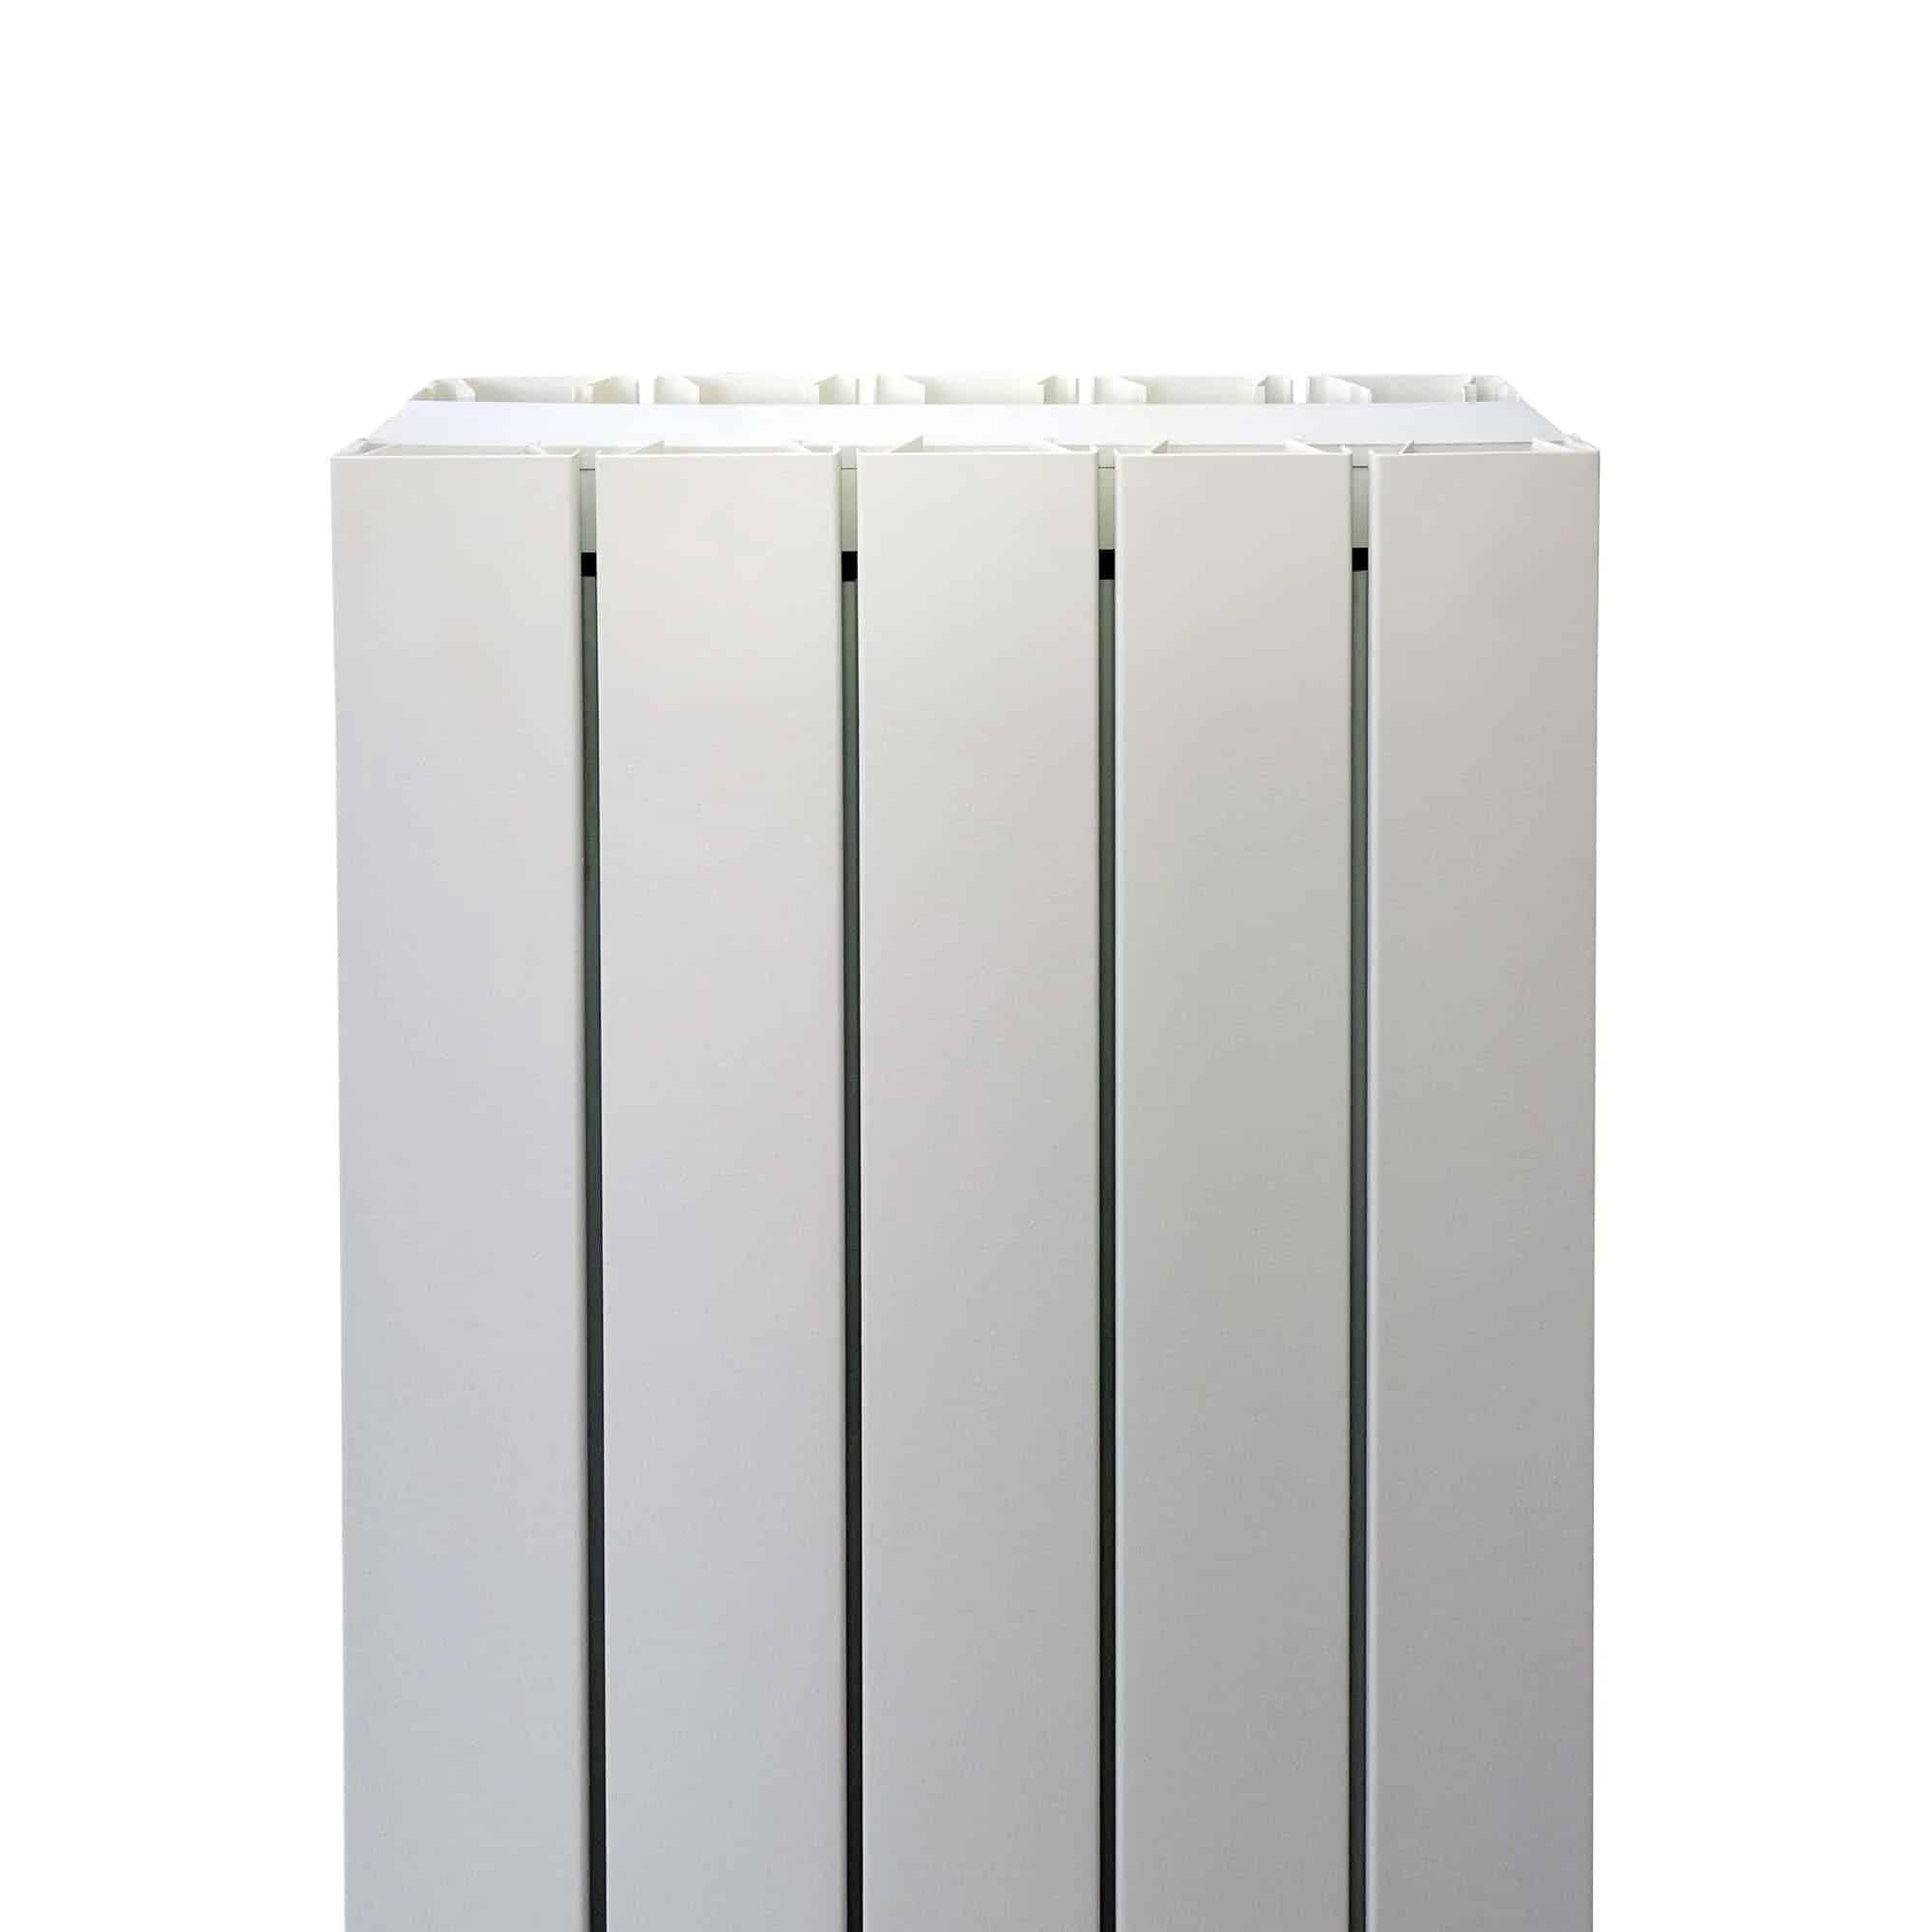 Aluminium Double Flat Panel Designer Vertical Radiator